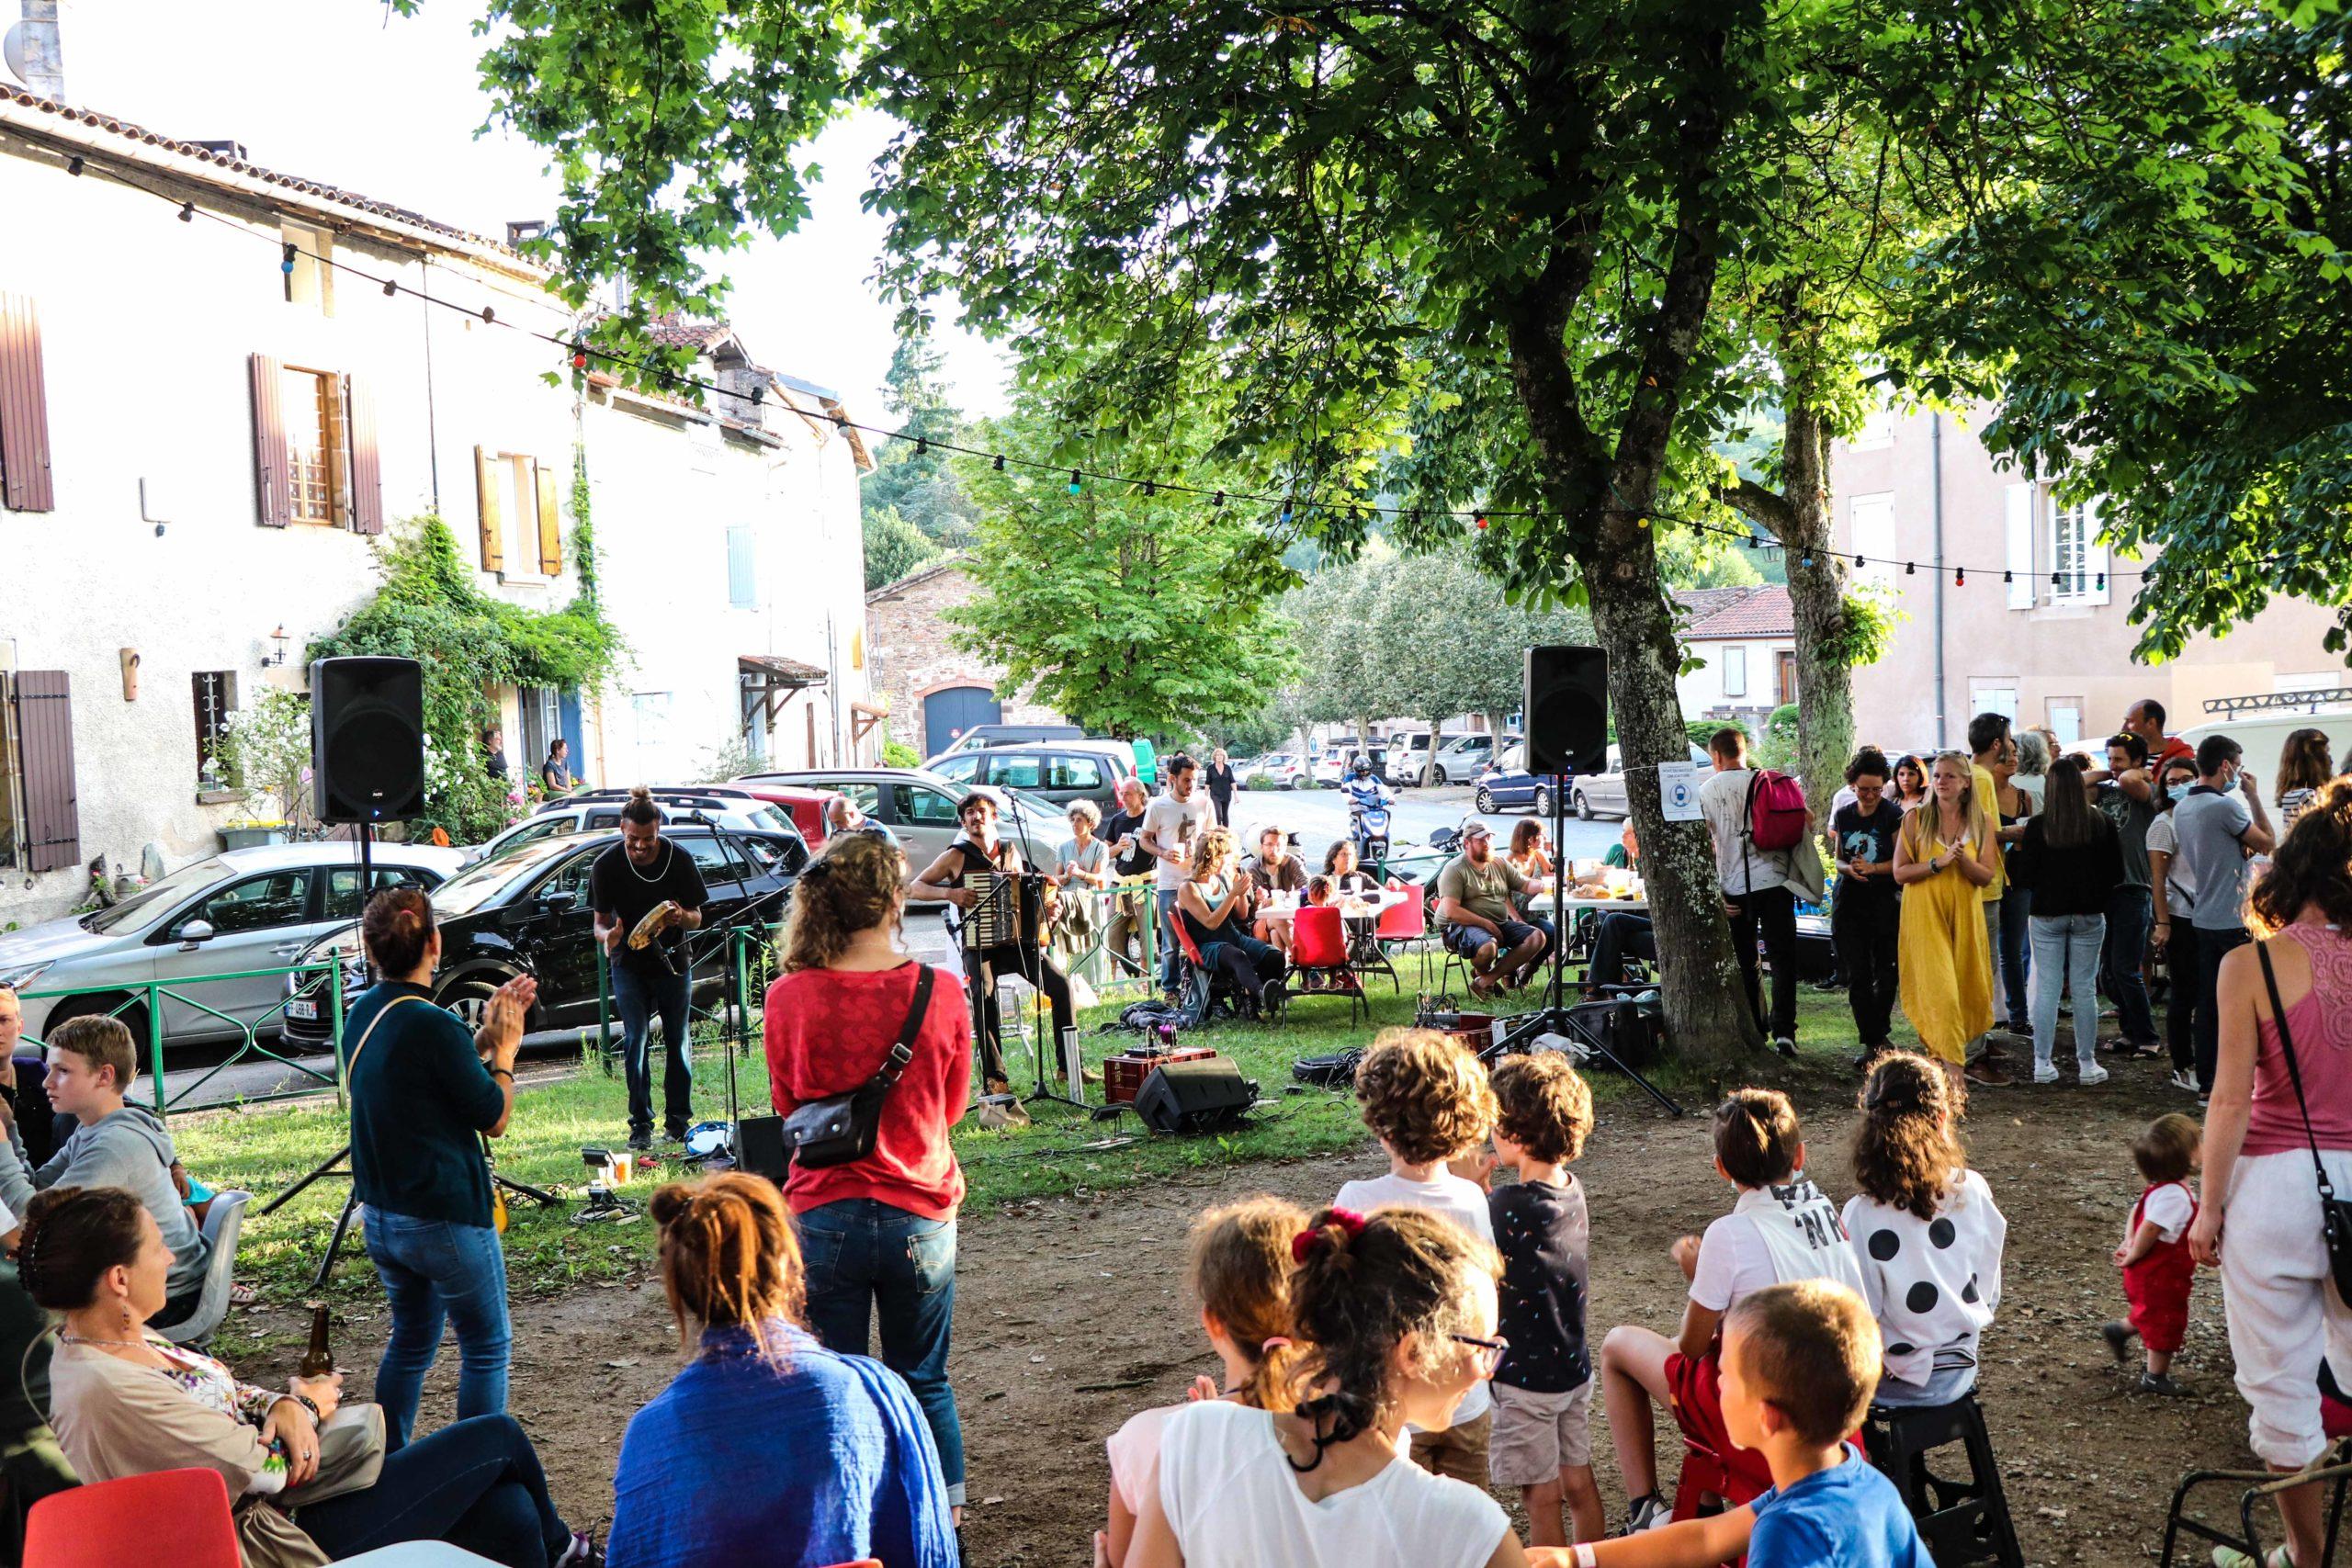 """Concert du groupe """"Café com Leite"""" sur le marché d'été à Monestiès"""